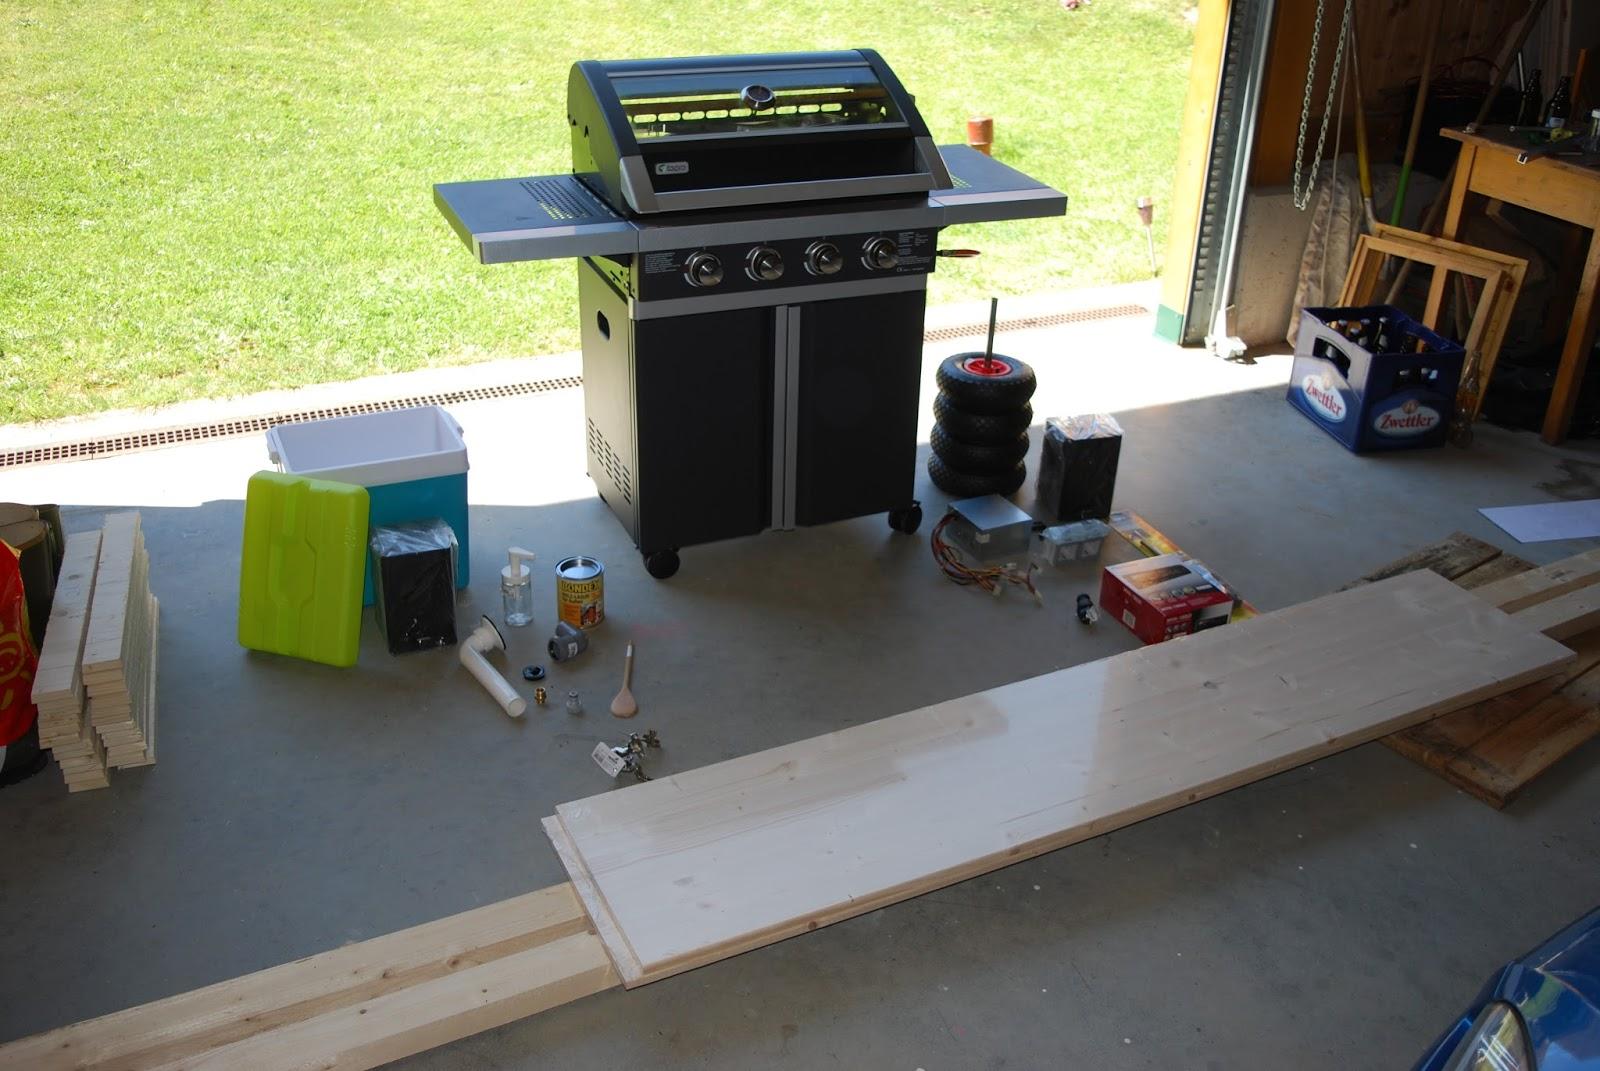 Outdoor Küche Rund : Meine arbeiten rund ums holz: das grillomobil oder wie baue ich